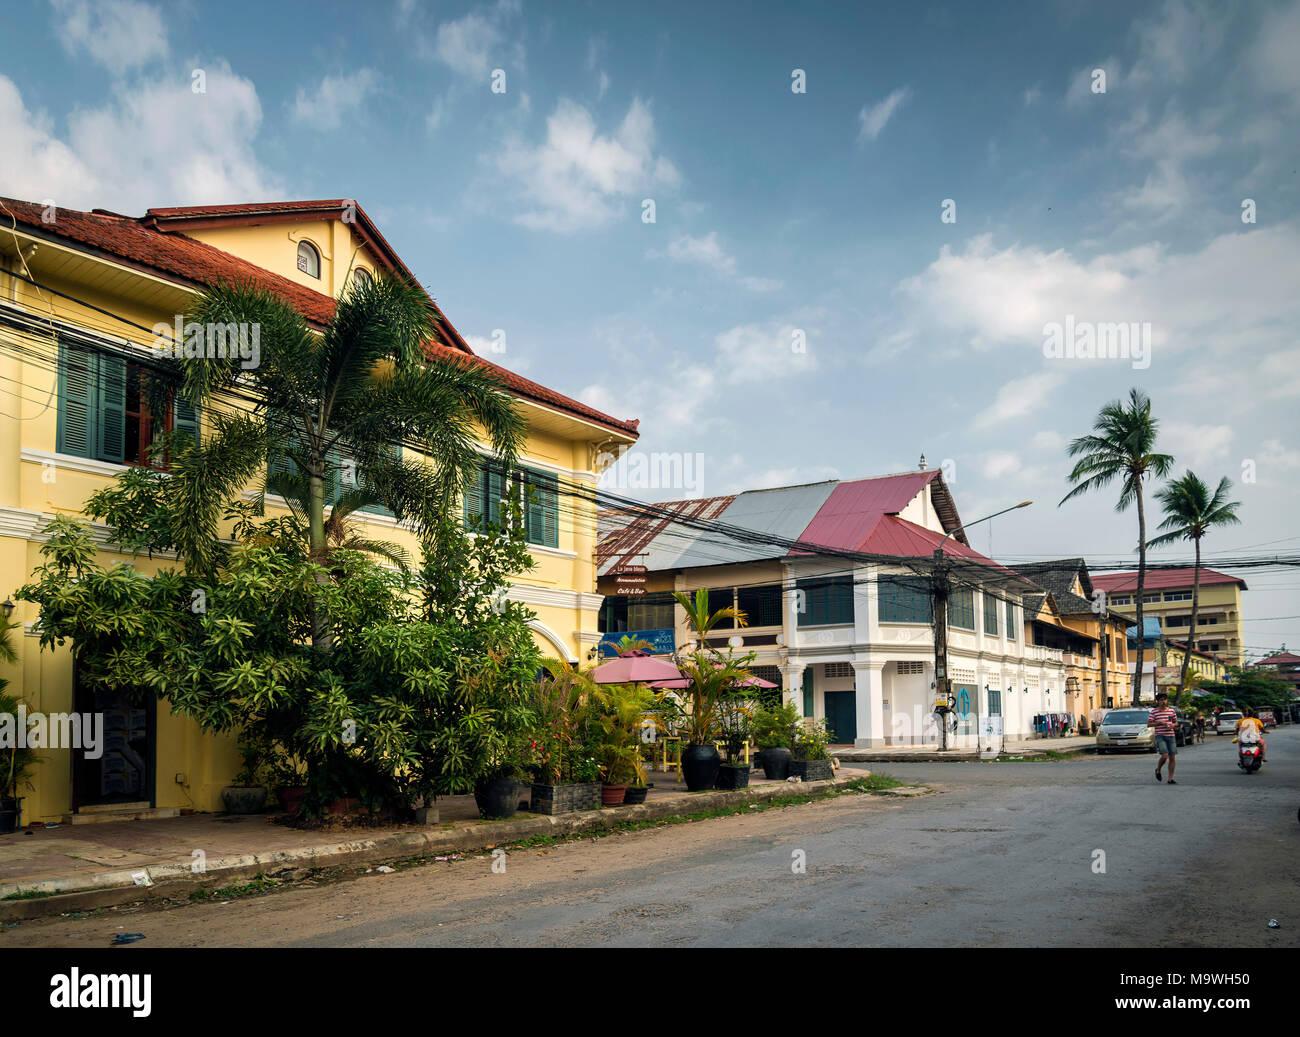 Alte französische koloniale Architektur Gebäude in kampot Straße der Innenstadt Kambodscha Stockbild